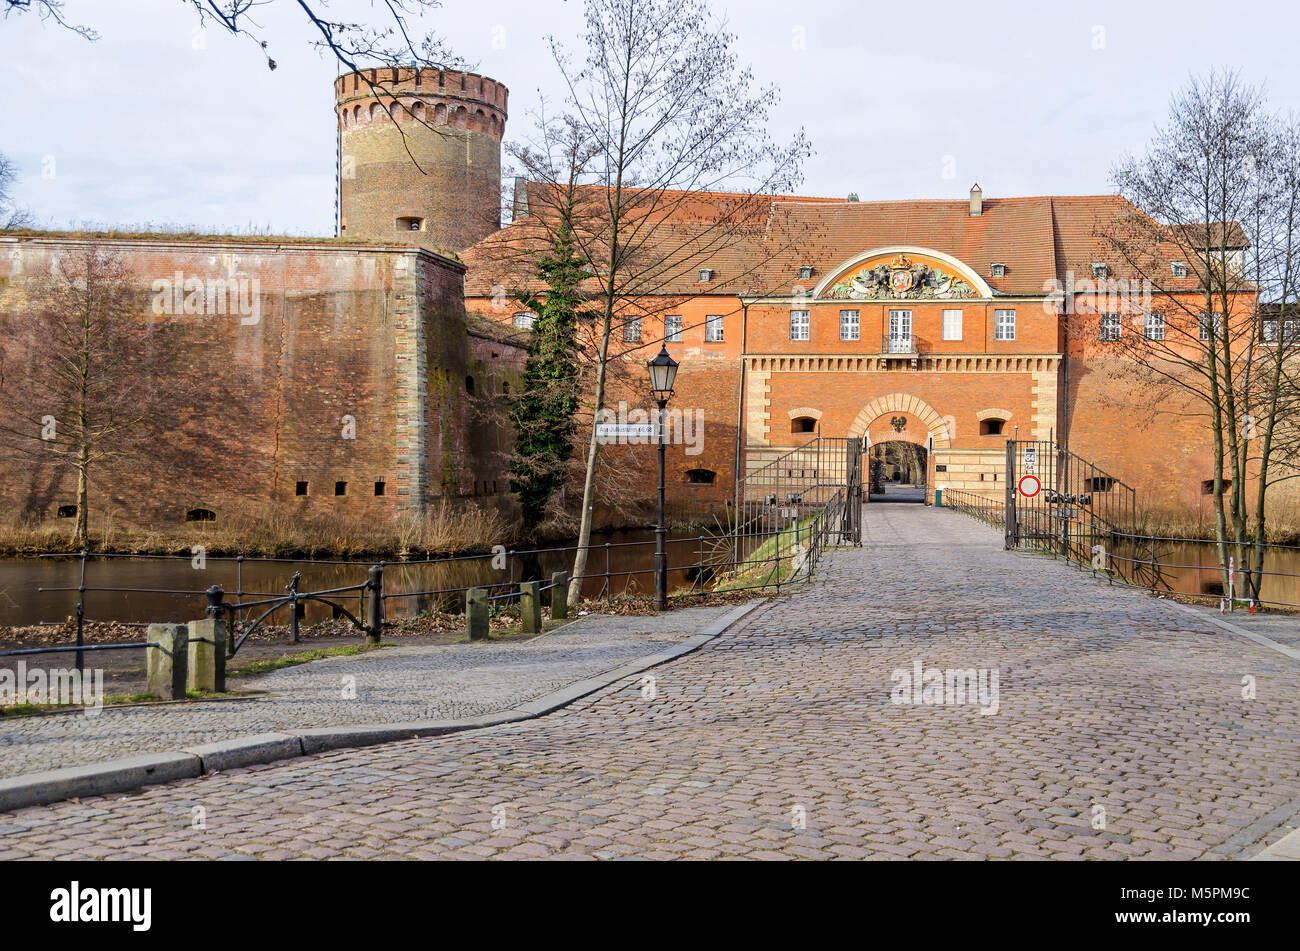 Spandauer Zitadelle, eine der am besten erhaltenen Renaissance militärischen Strukturen Europas, die heute ein Museum ist. Der Teil der Bastion König (König Bastion) mit Stockfoto